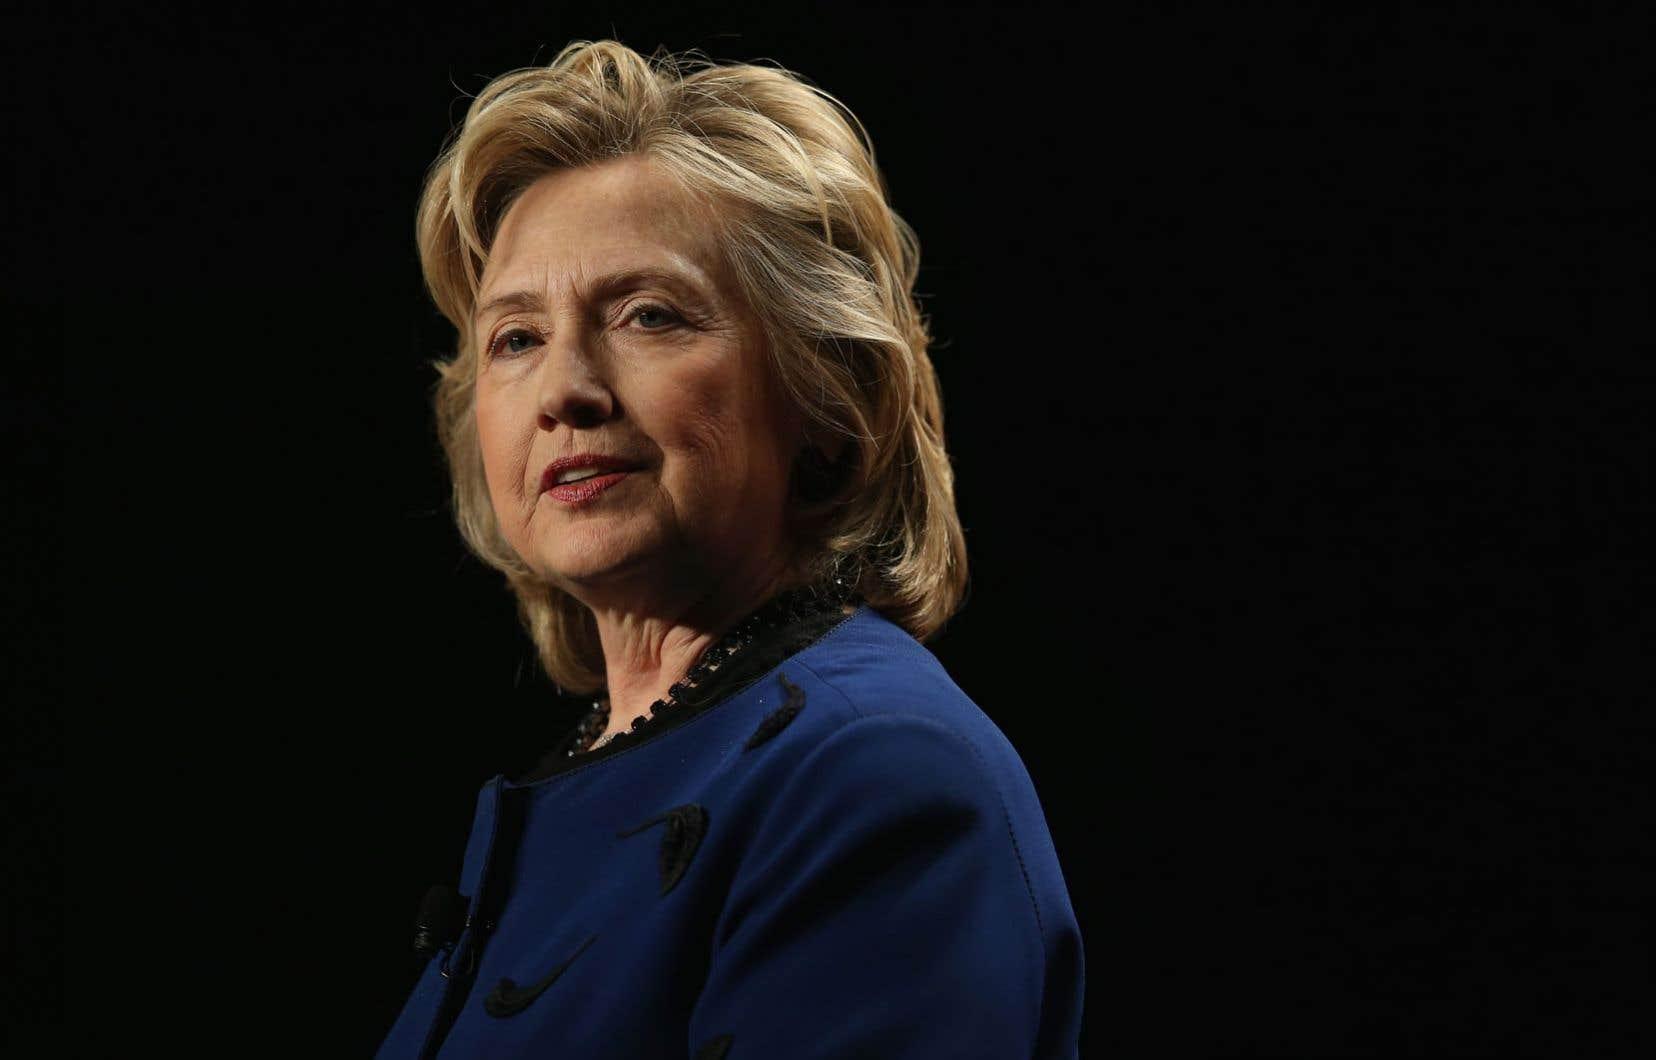 Face à un Barack Obama qui tergiverse et calcule, Hillary Clinton a un style présidentiel actif et engagé, que Robert Gates lui-même louange dans ses Mémoires.